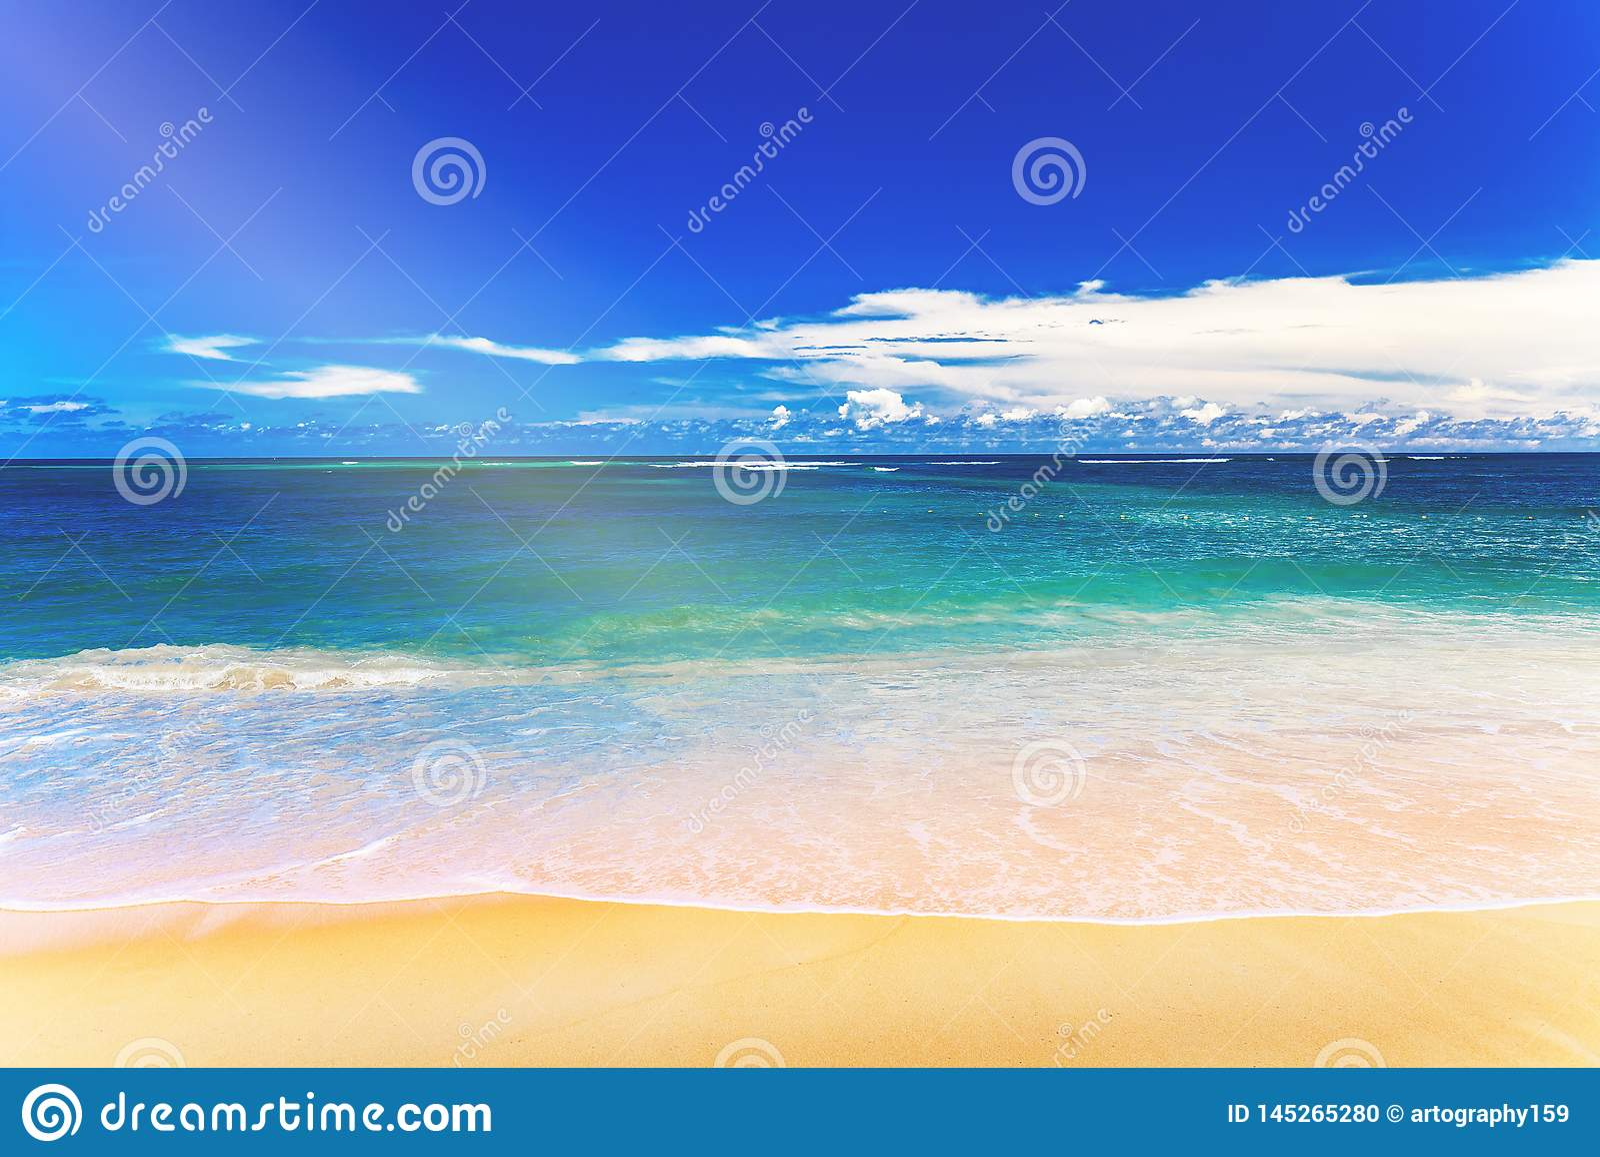 Тропический пляж с белым песком и голубое небо